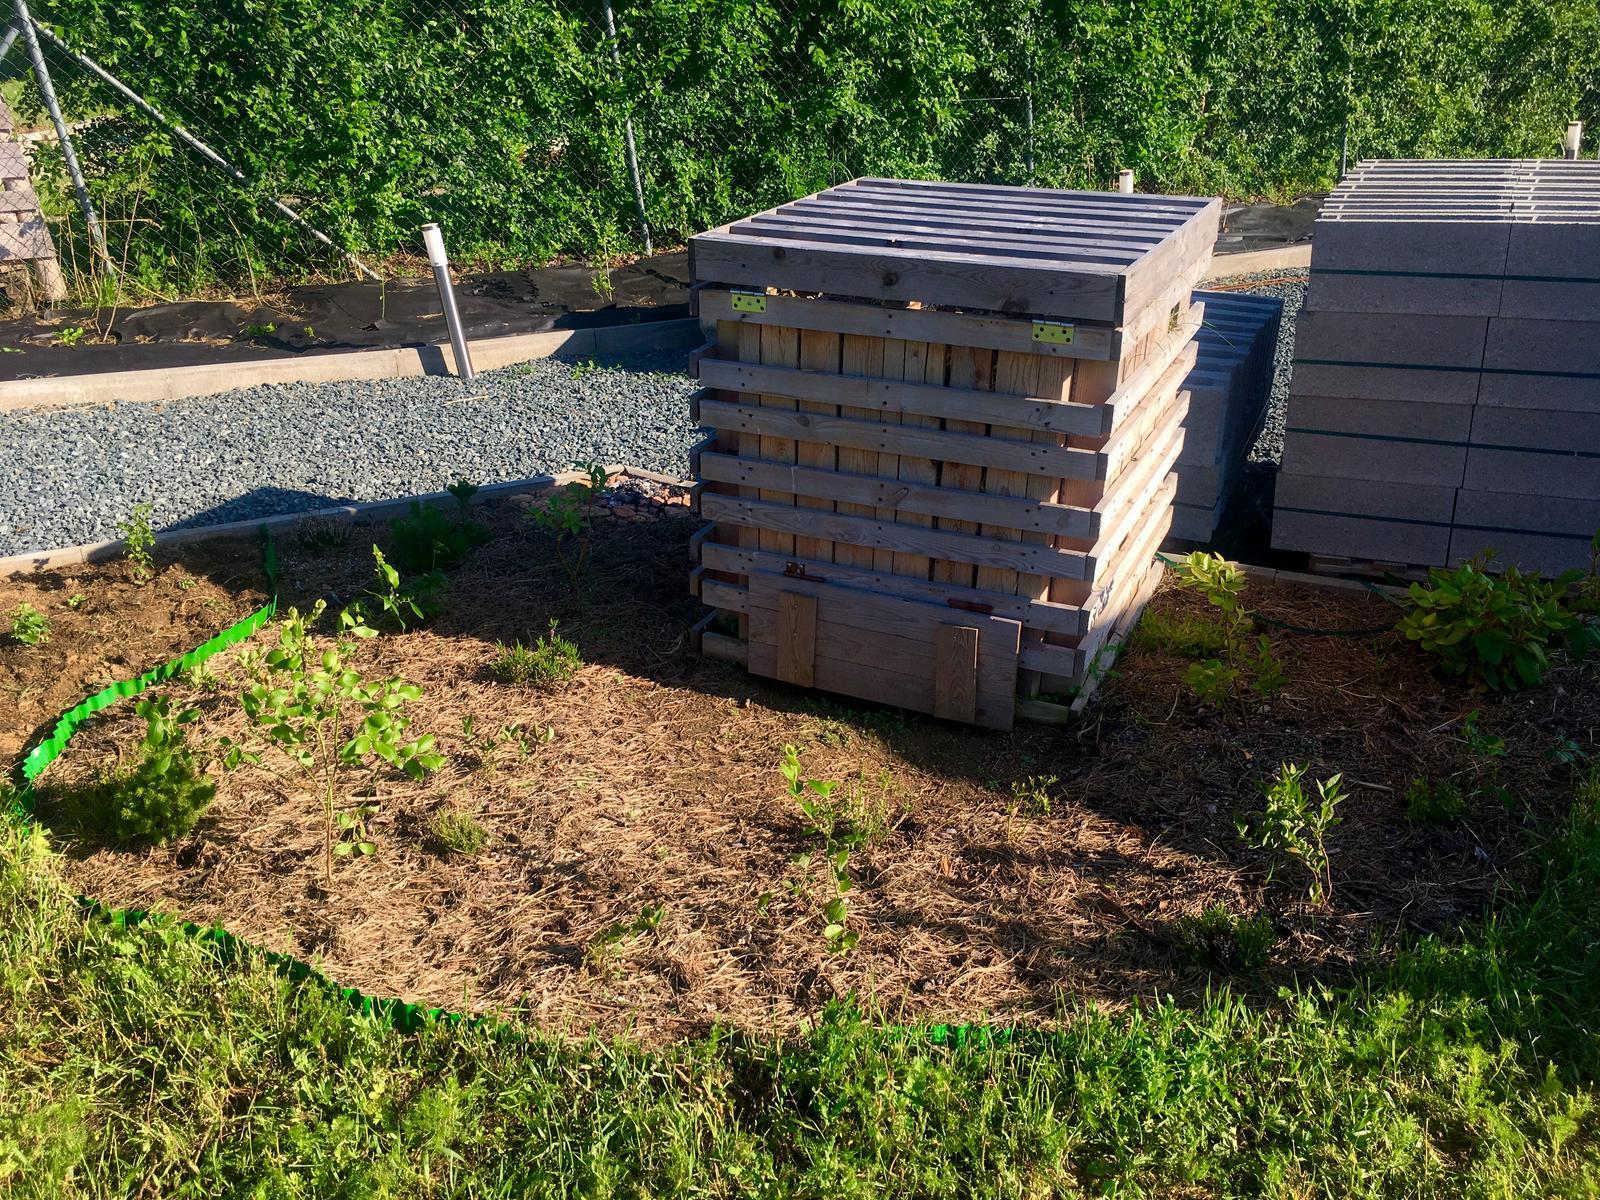 Skřítčí zahrada 2015 - 2020 - Červen 2019 - kanadských borůvek už máme konečně dost, řekla bych